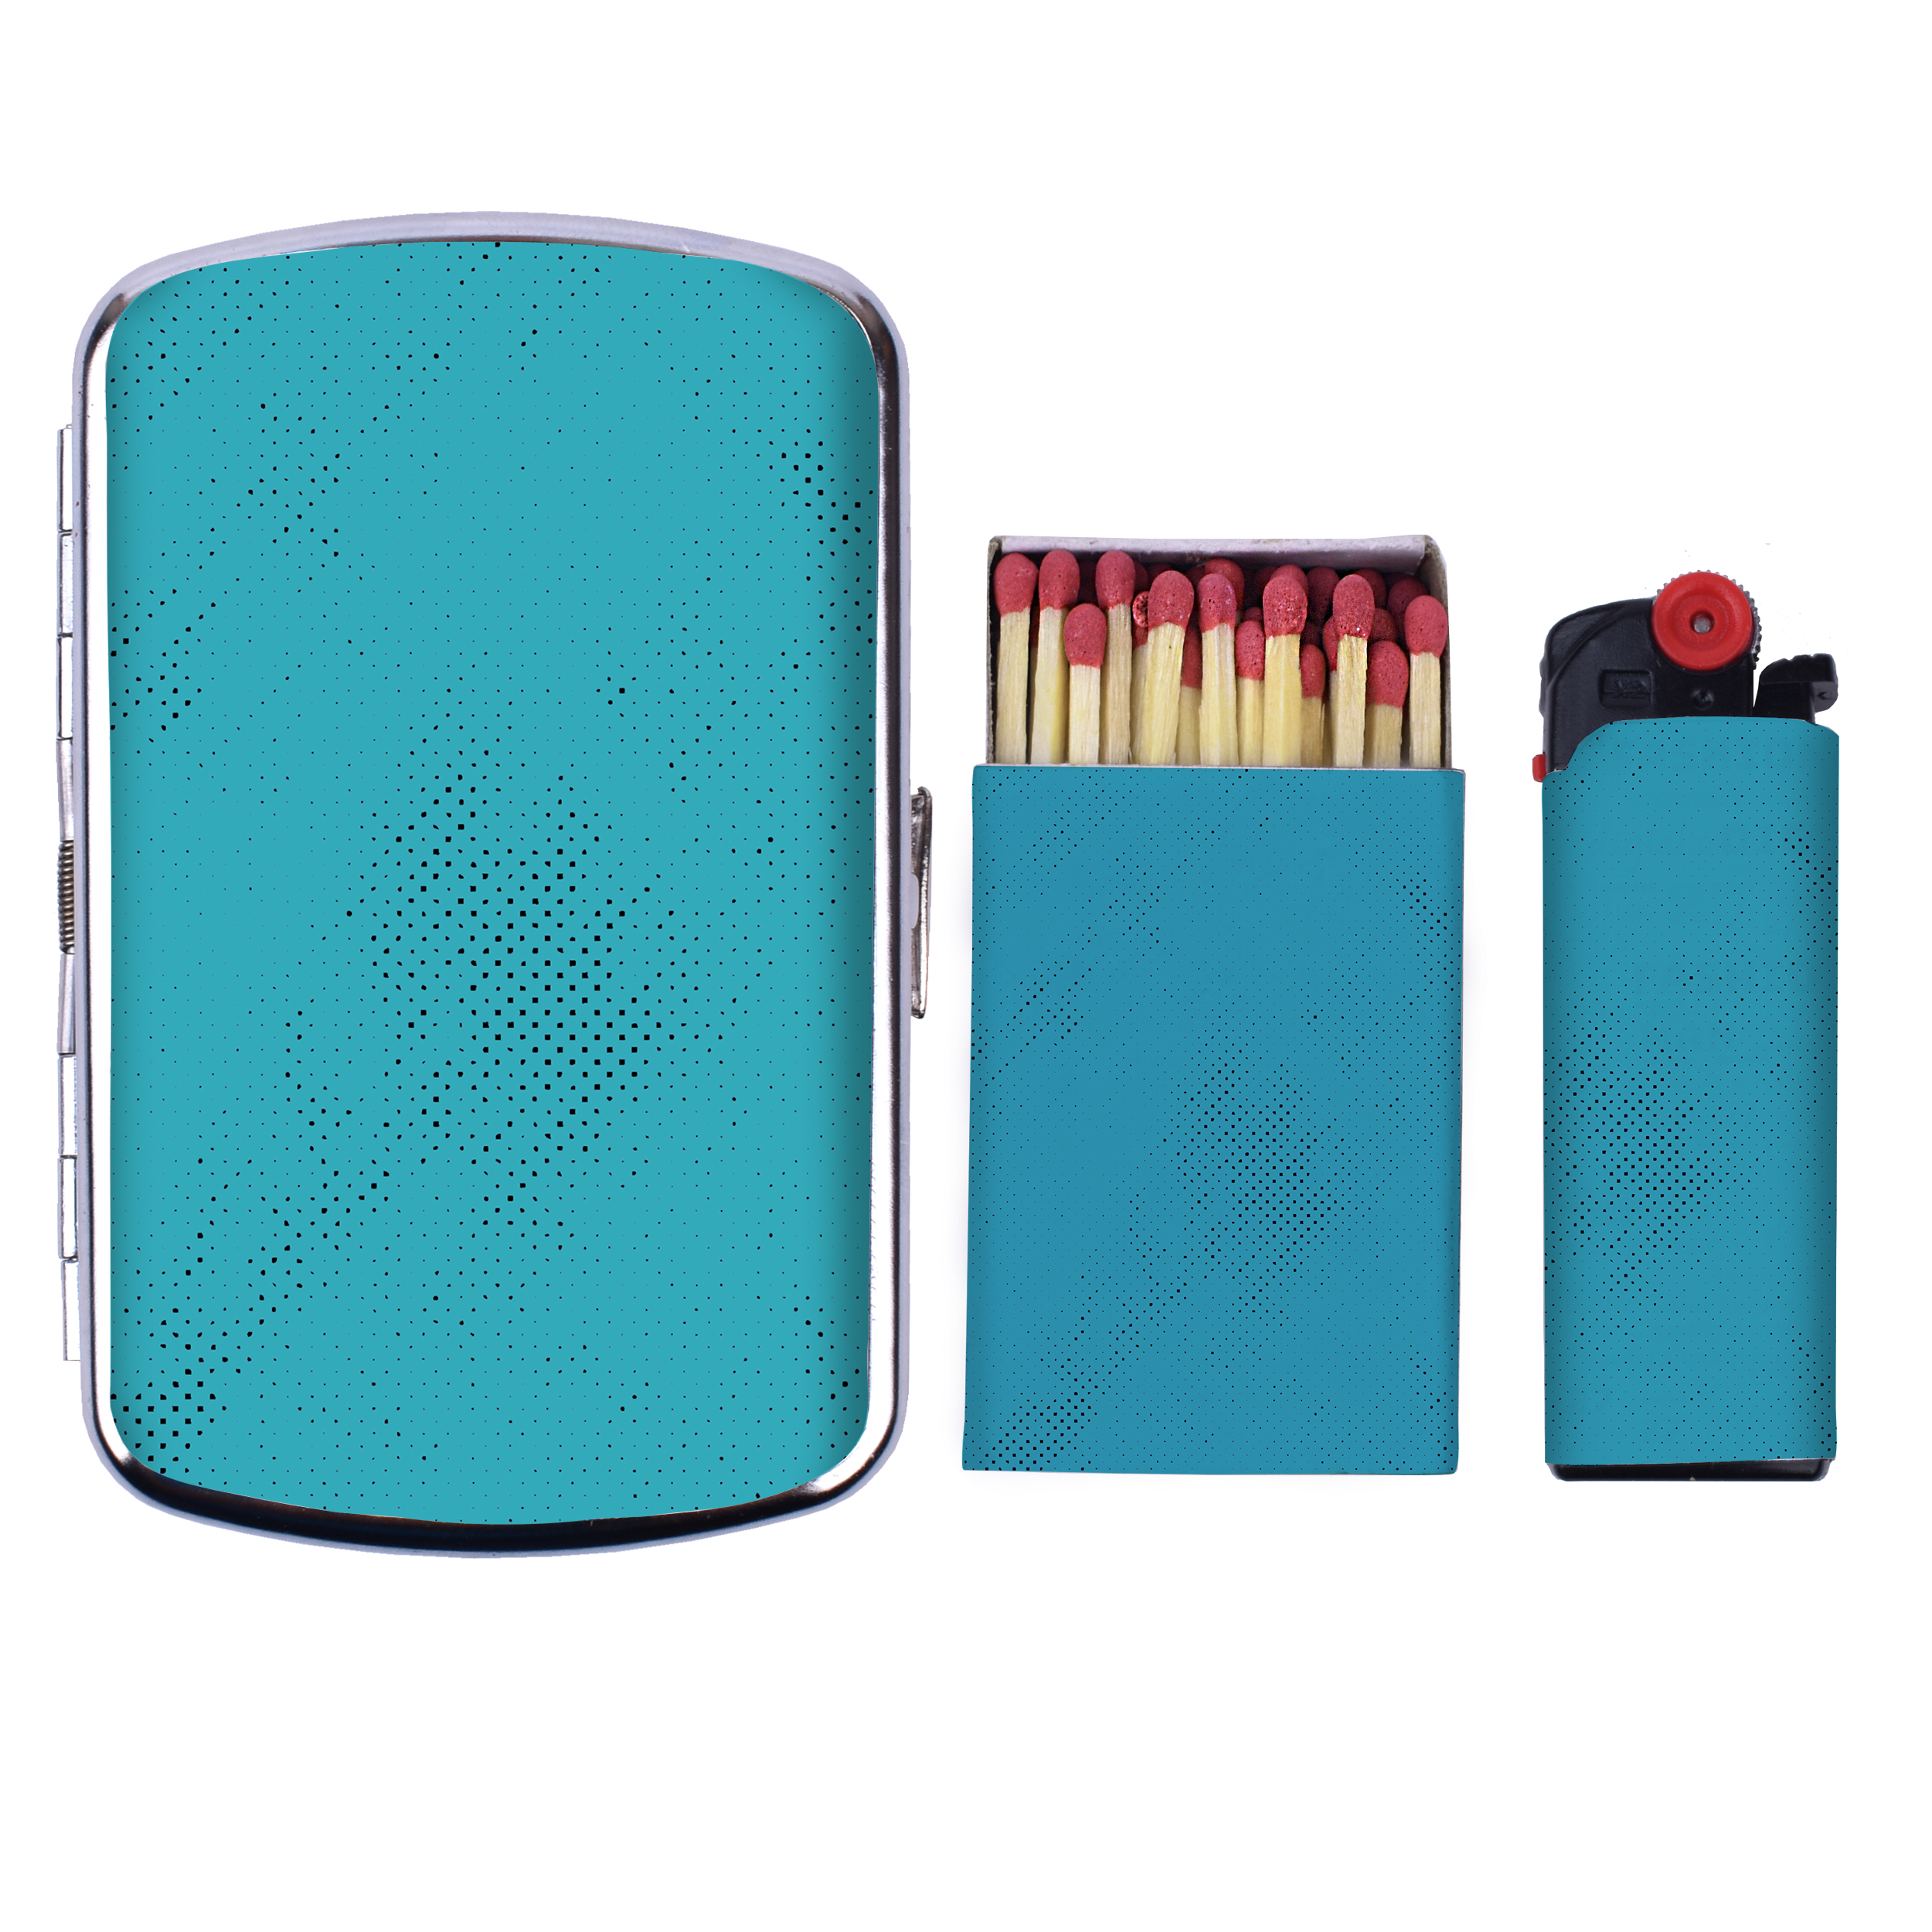 جا سیگاری کد V21 به همراه فندک و کبریت